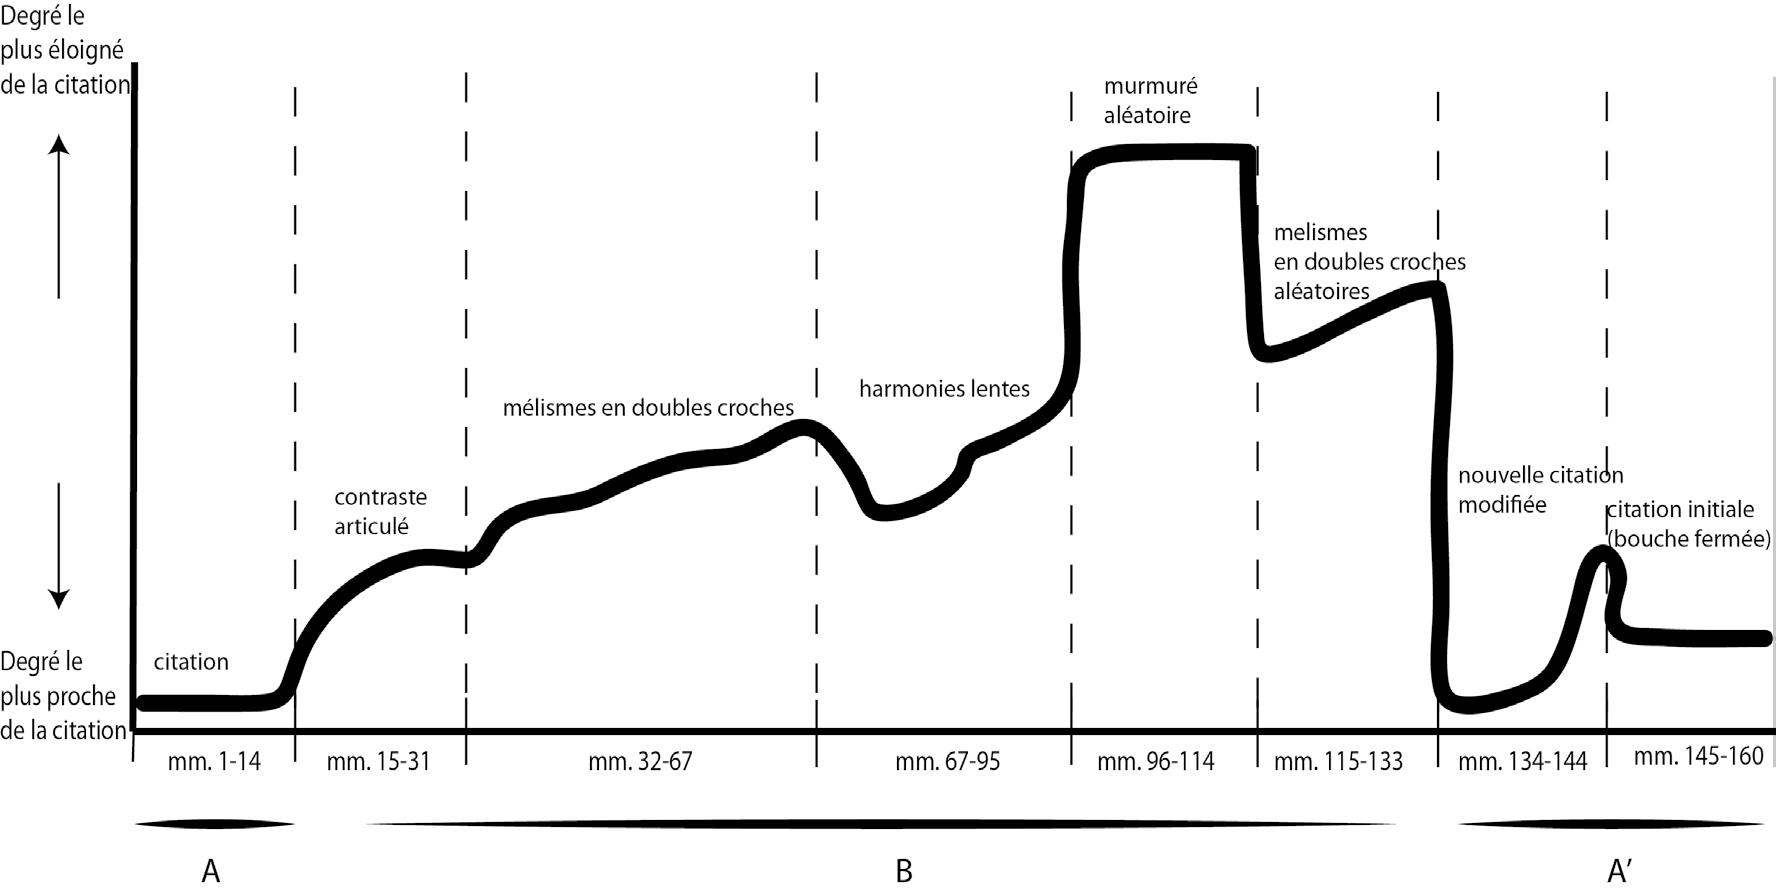 Figure 1: Variations des degrés de conformité avec le matériau historique (Gesualdo) dans <em>Moro Lasso</em> d'Ofer Pelz.